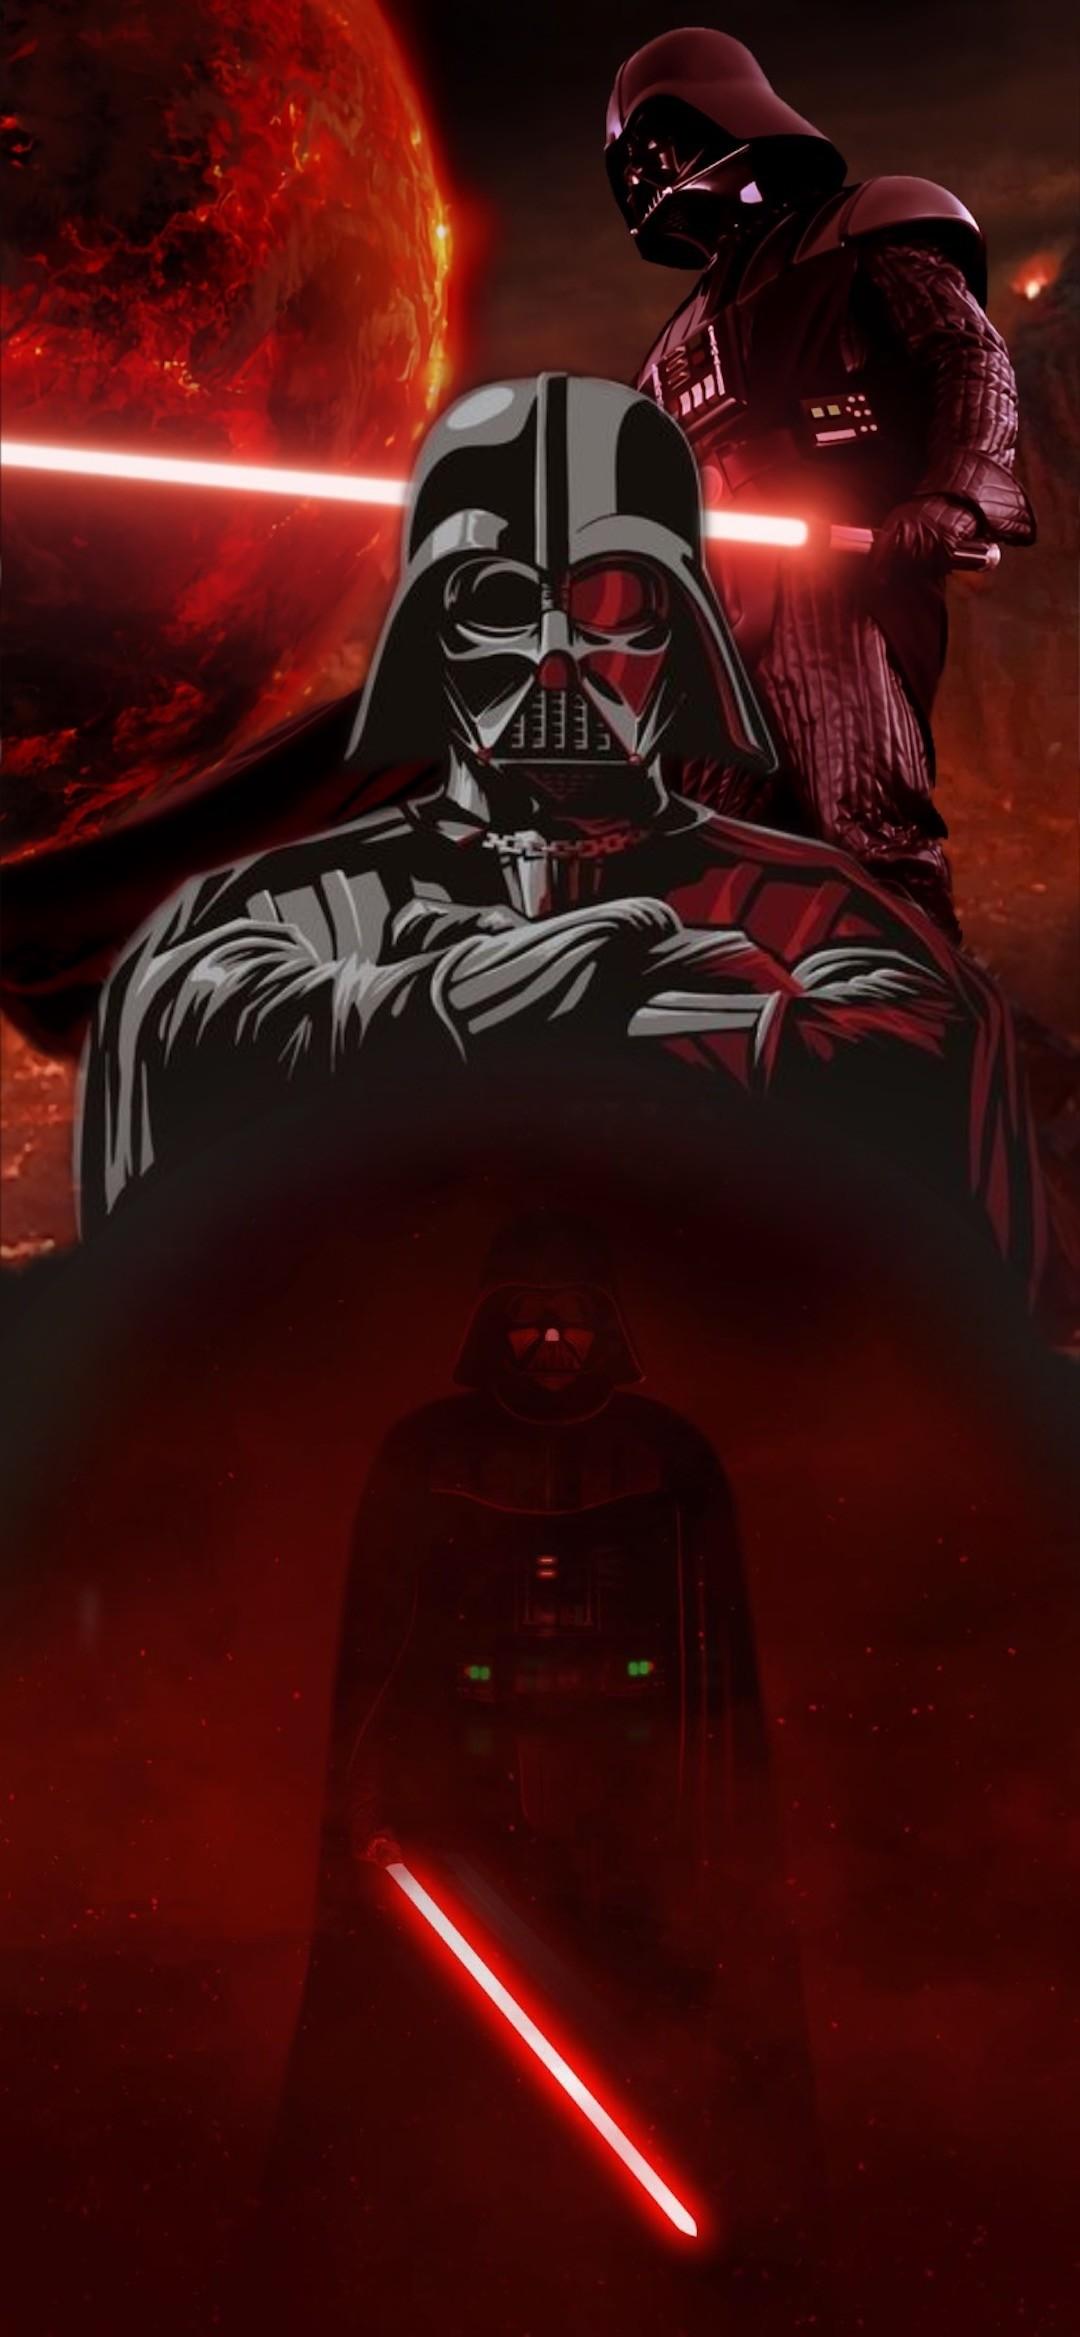 Star Wars Fan Art Wallpaper 68 Images